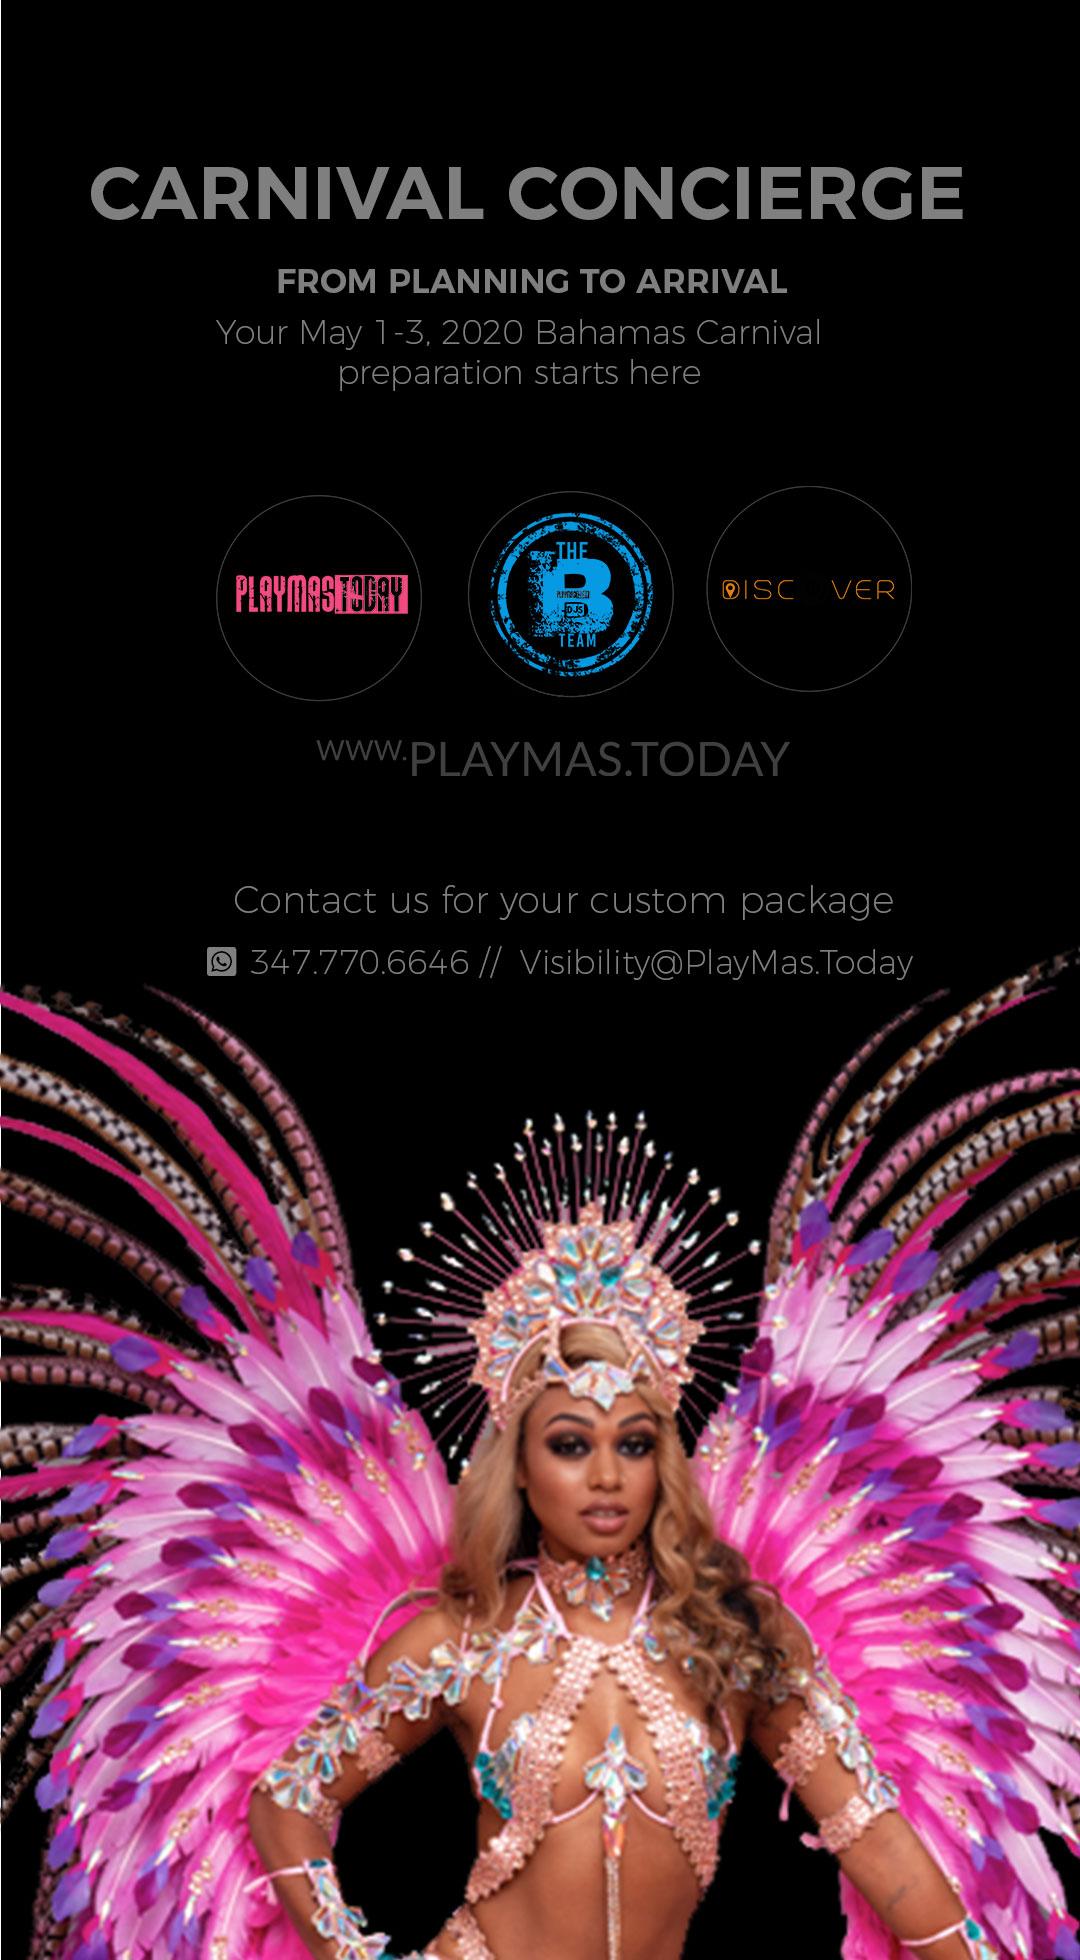 carnival concierge Bahamas Carnival 2020 ay 1-3